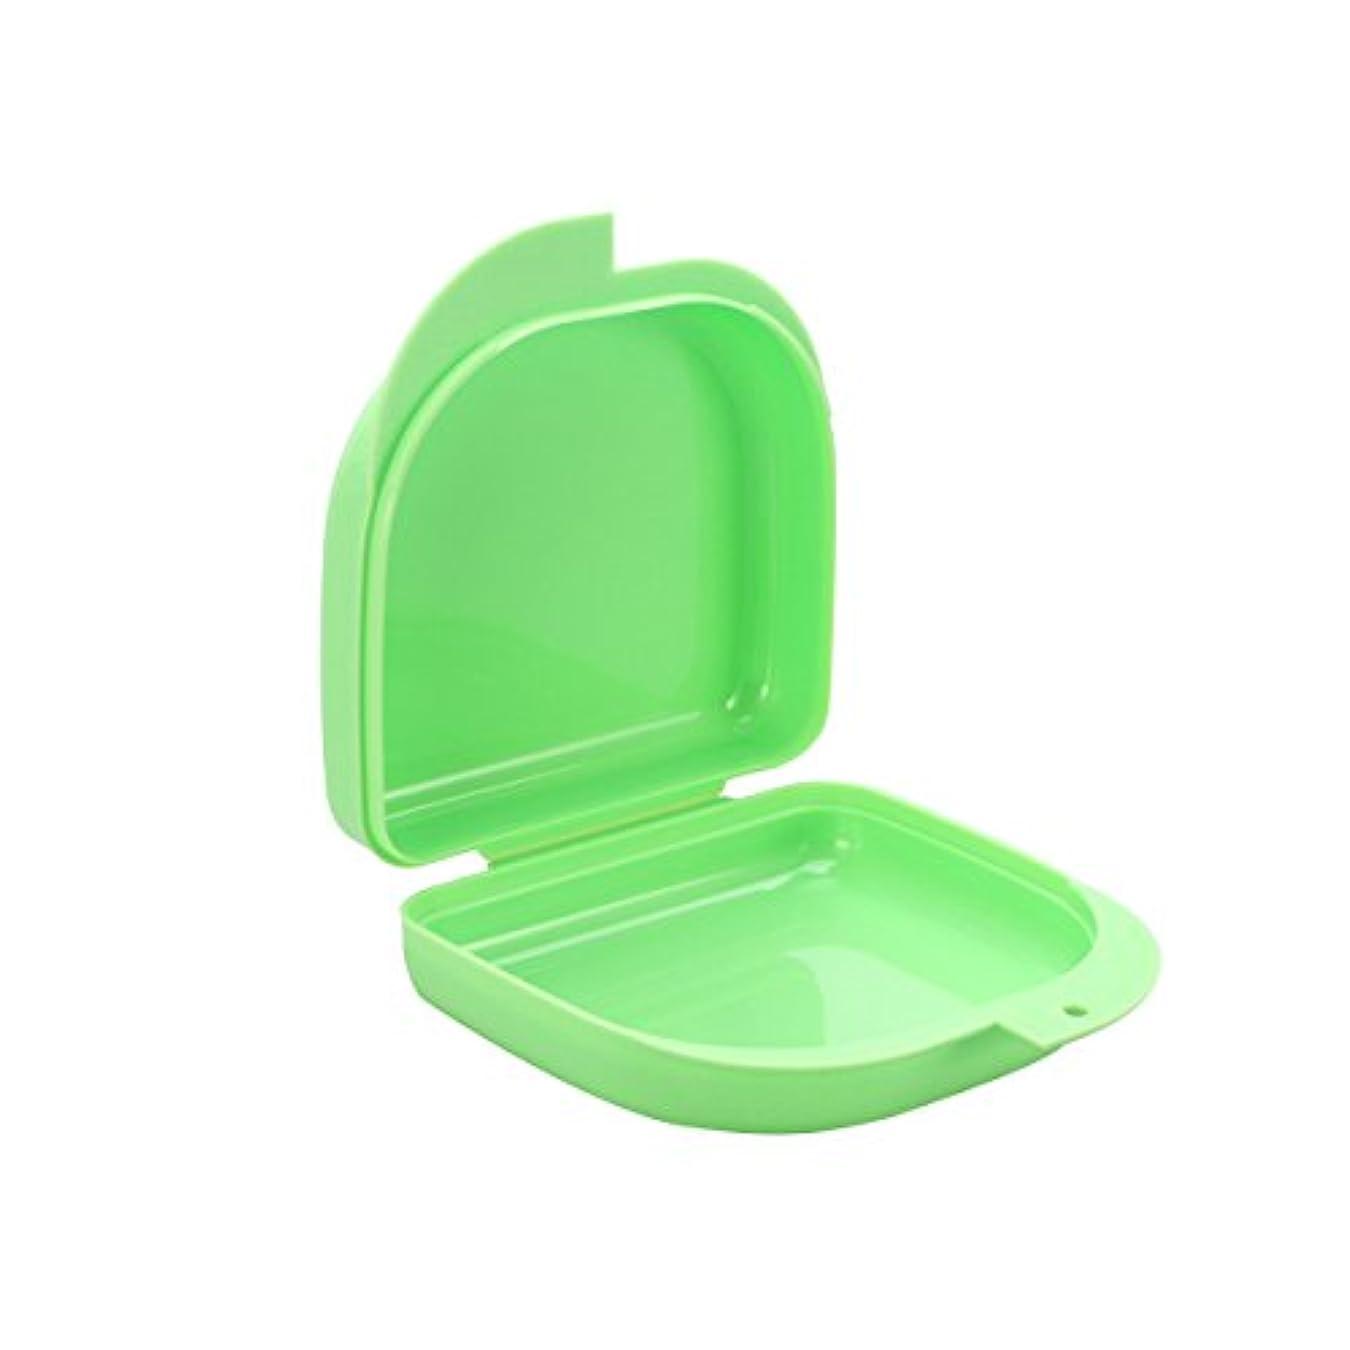 アレキサンダーグラハムベル断片パントリーROSENICE 義歯ケース口ガードケース義歯ボックス義歯収納容器(緑)